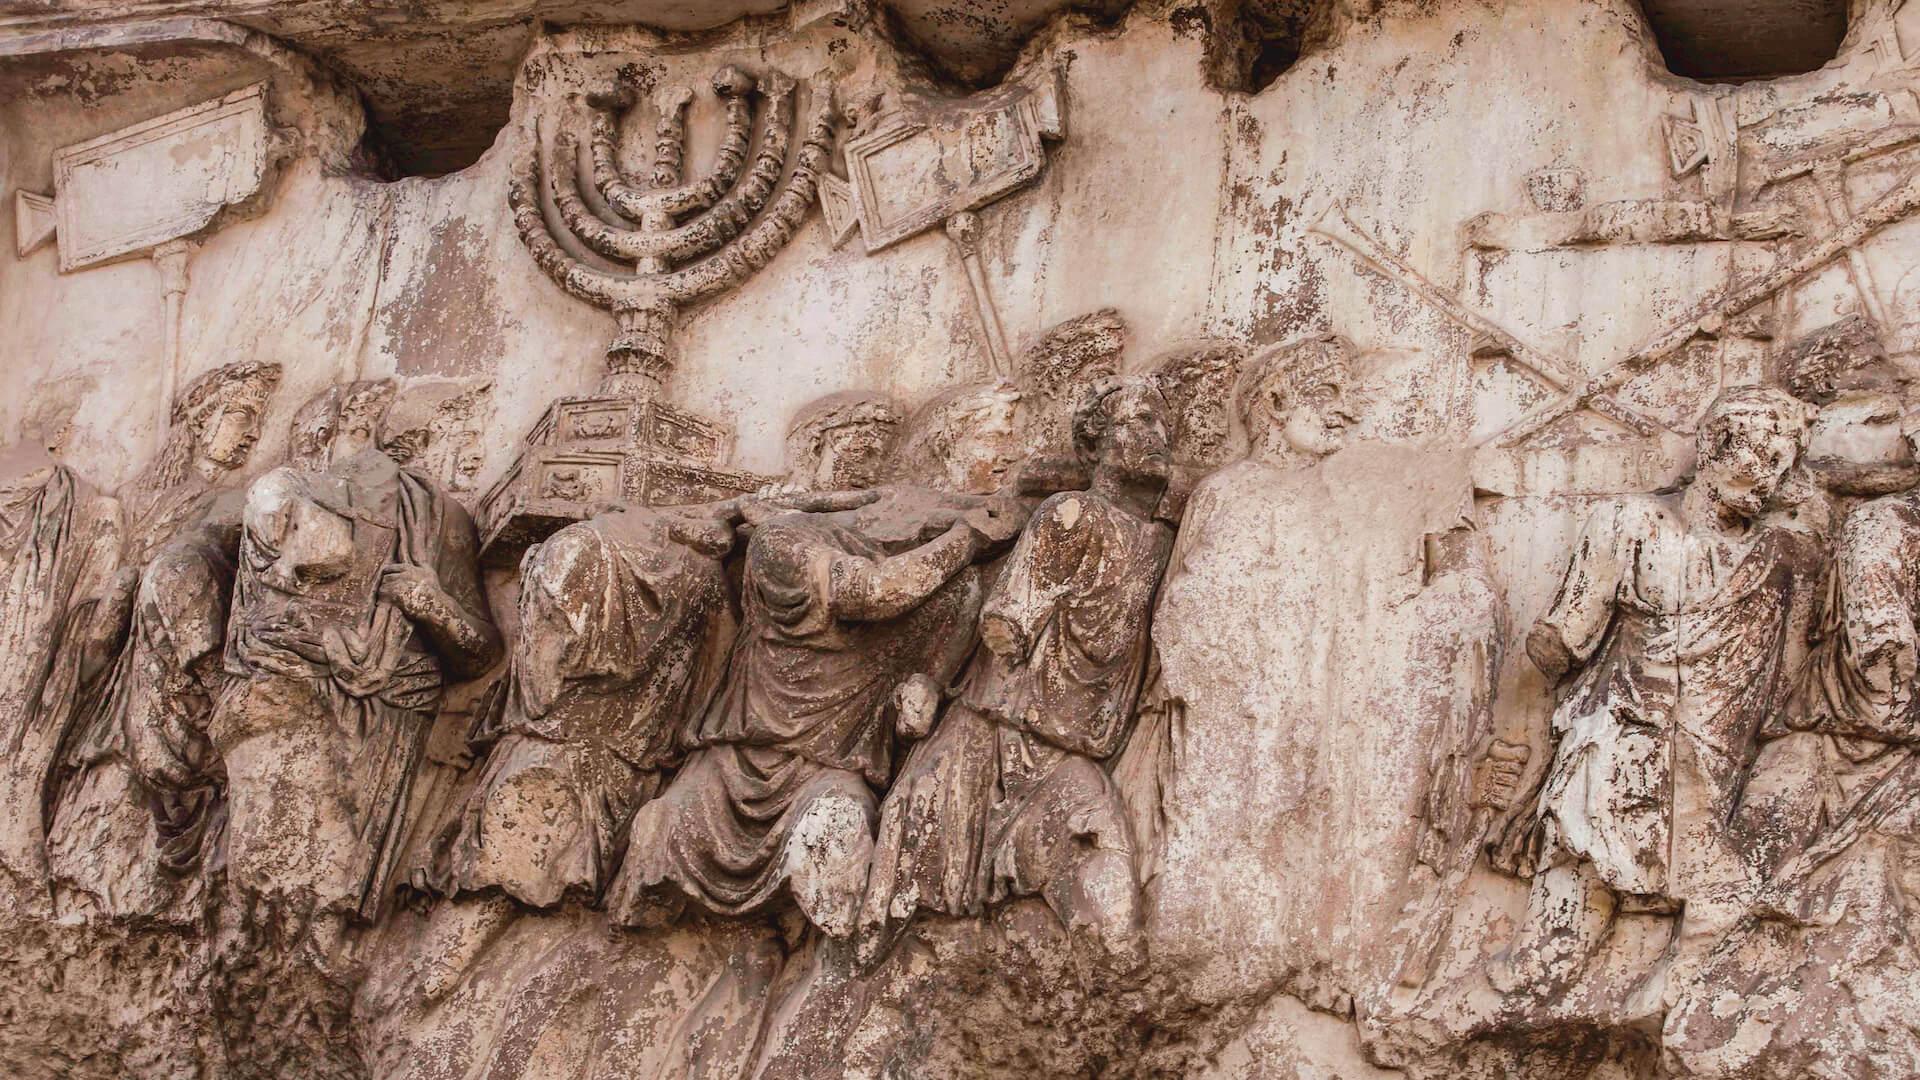 Jewish Arch of Titus photo credit Leo De Capua